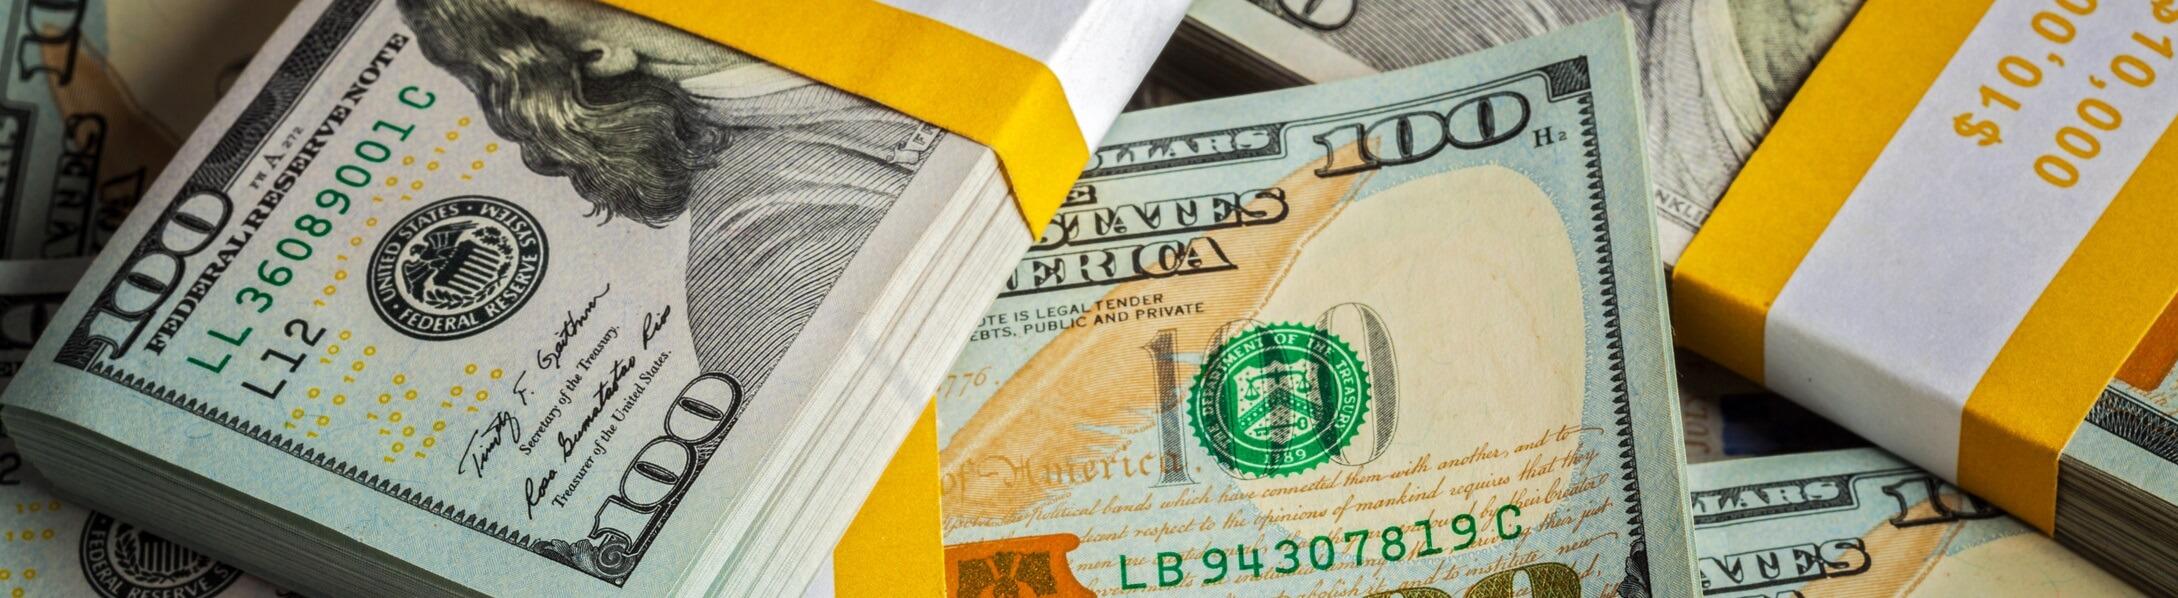 Bei LIDL Geld abheben » Wie geht das? || Bezahlen.net